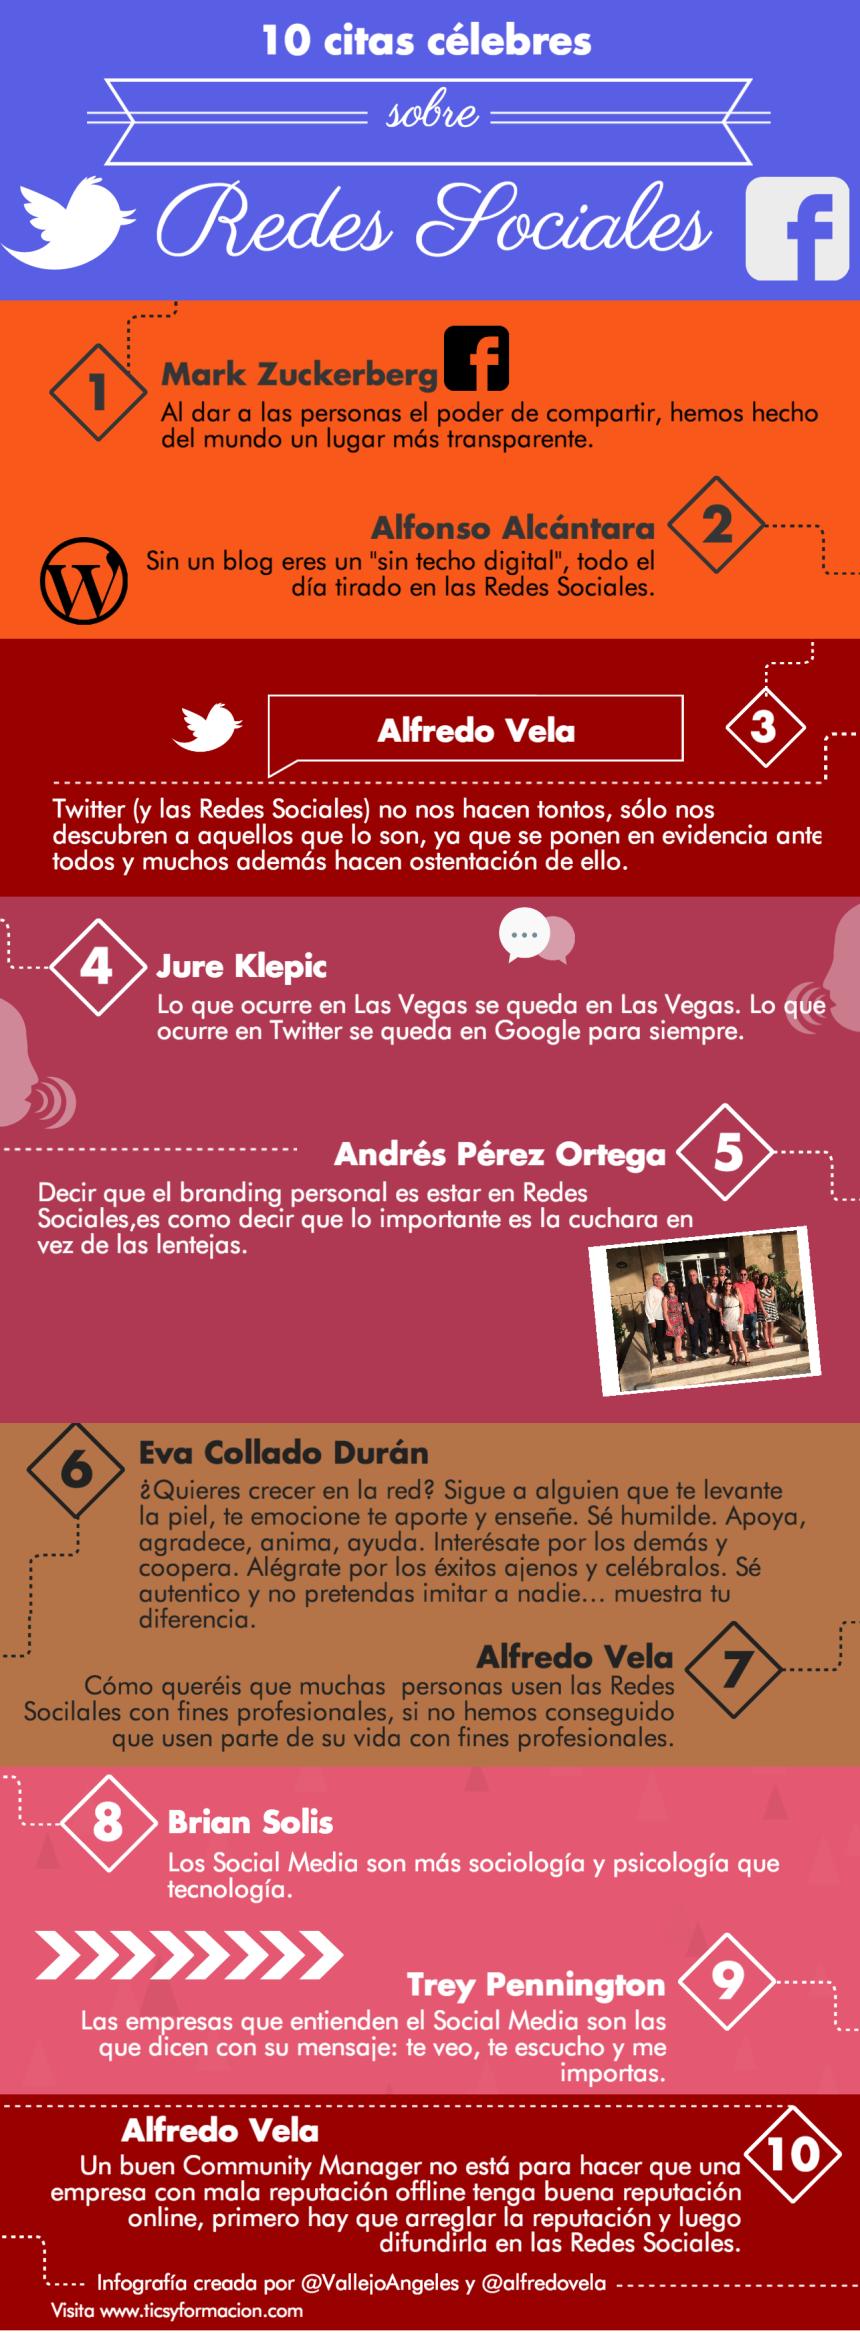 10 Y 1 Frases Célebres Sobre Las Redes Sociales Soluciones